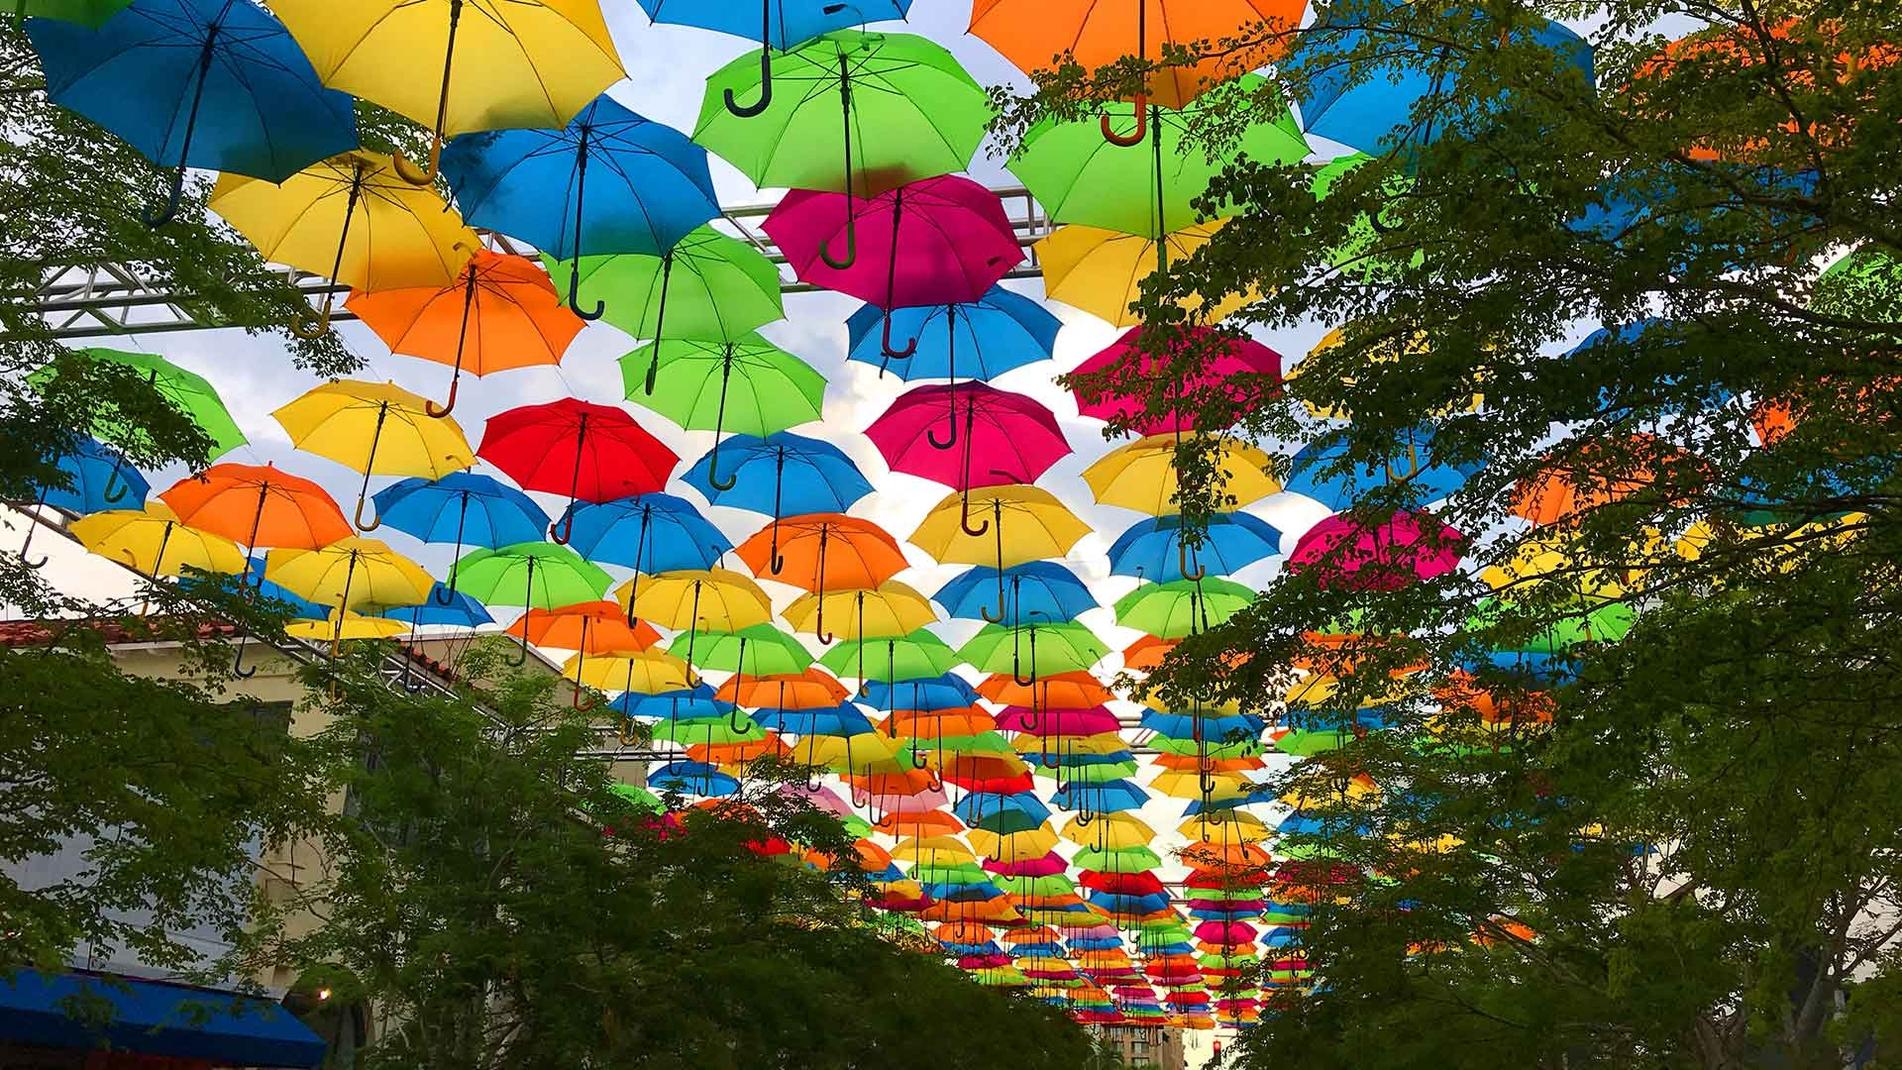 Os guarda-chuvas coloridos que afetam as emoções daqueles que andam sob eles